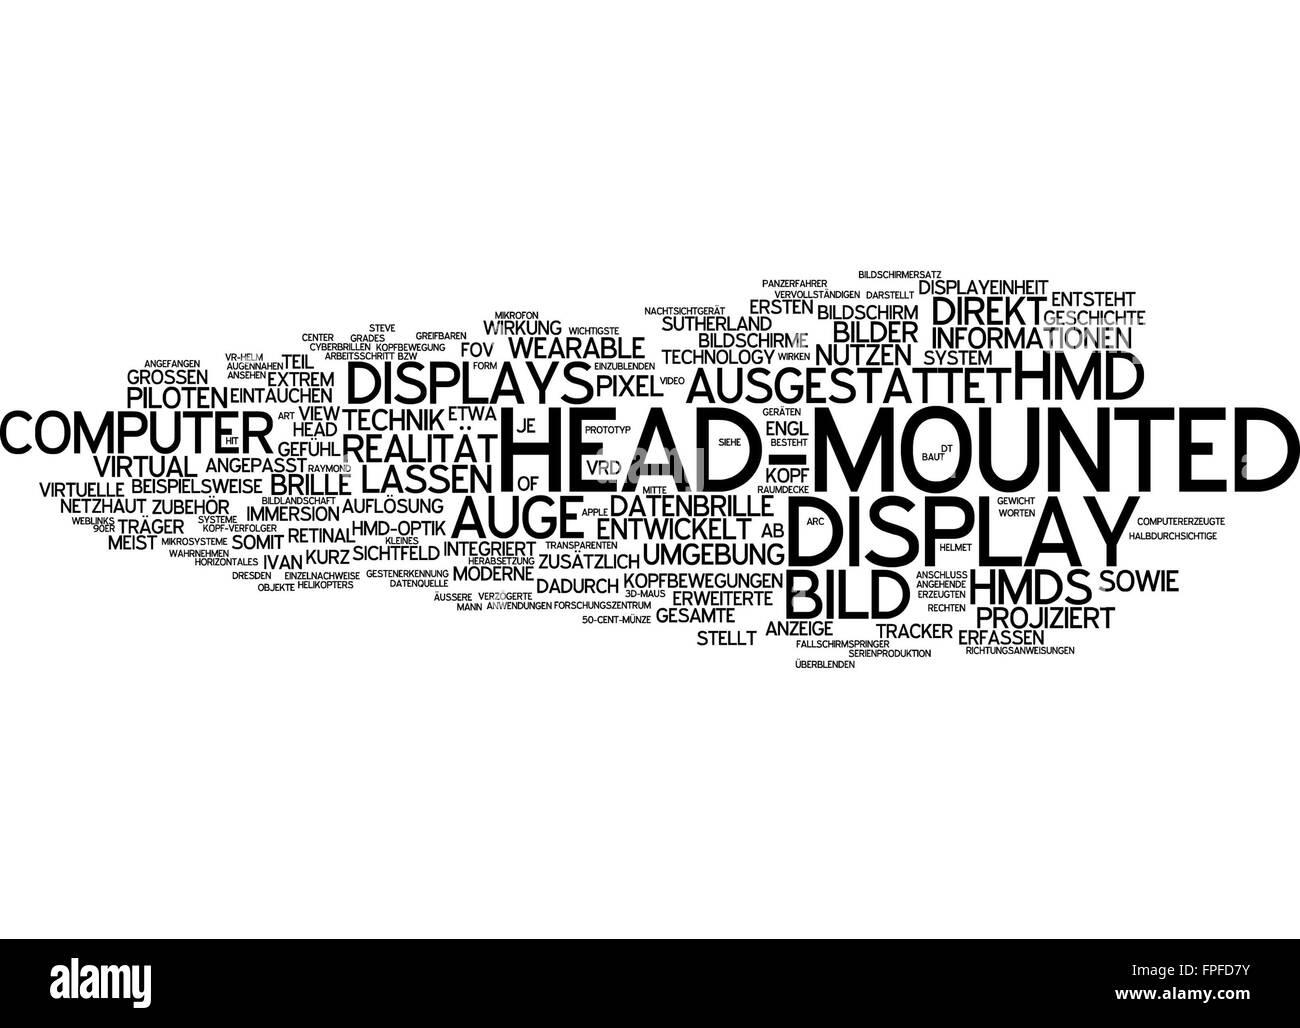 Head-mounted display head mounted bild bildschirm - Stock Image